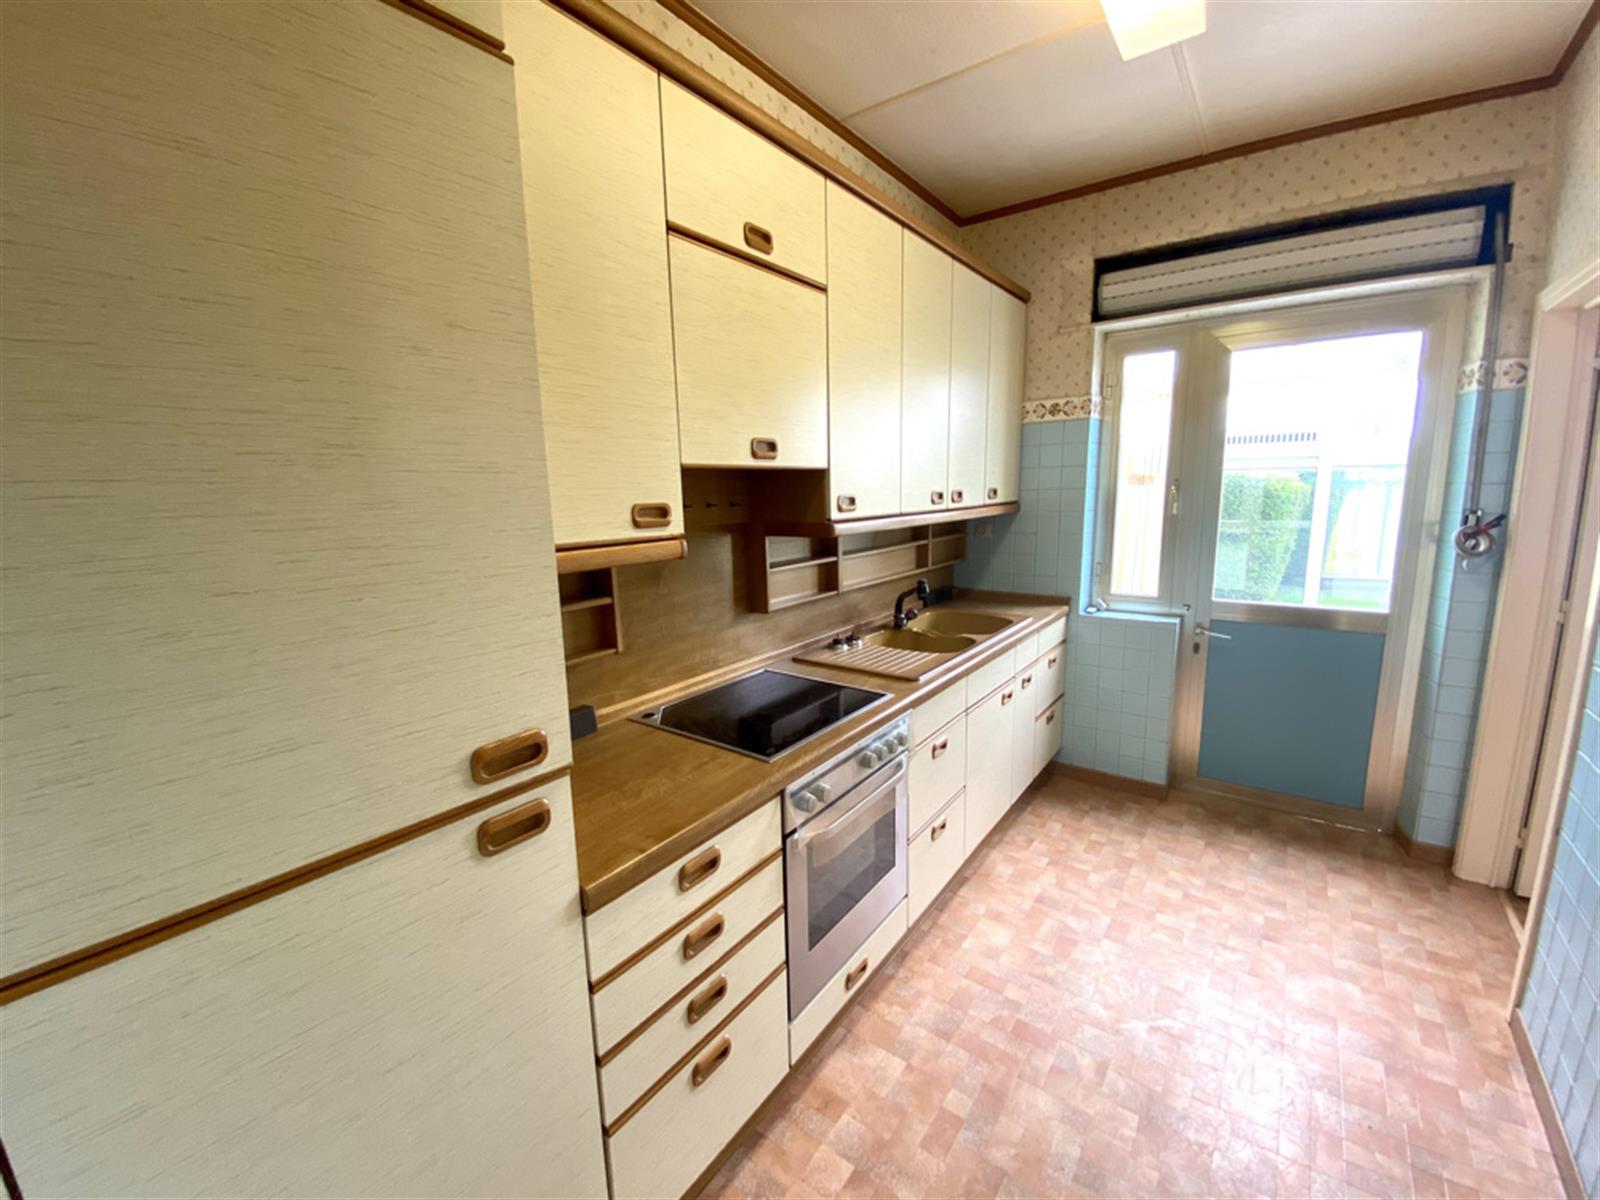 House - Saint-nicolas - #4396645-5